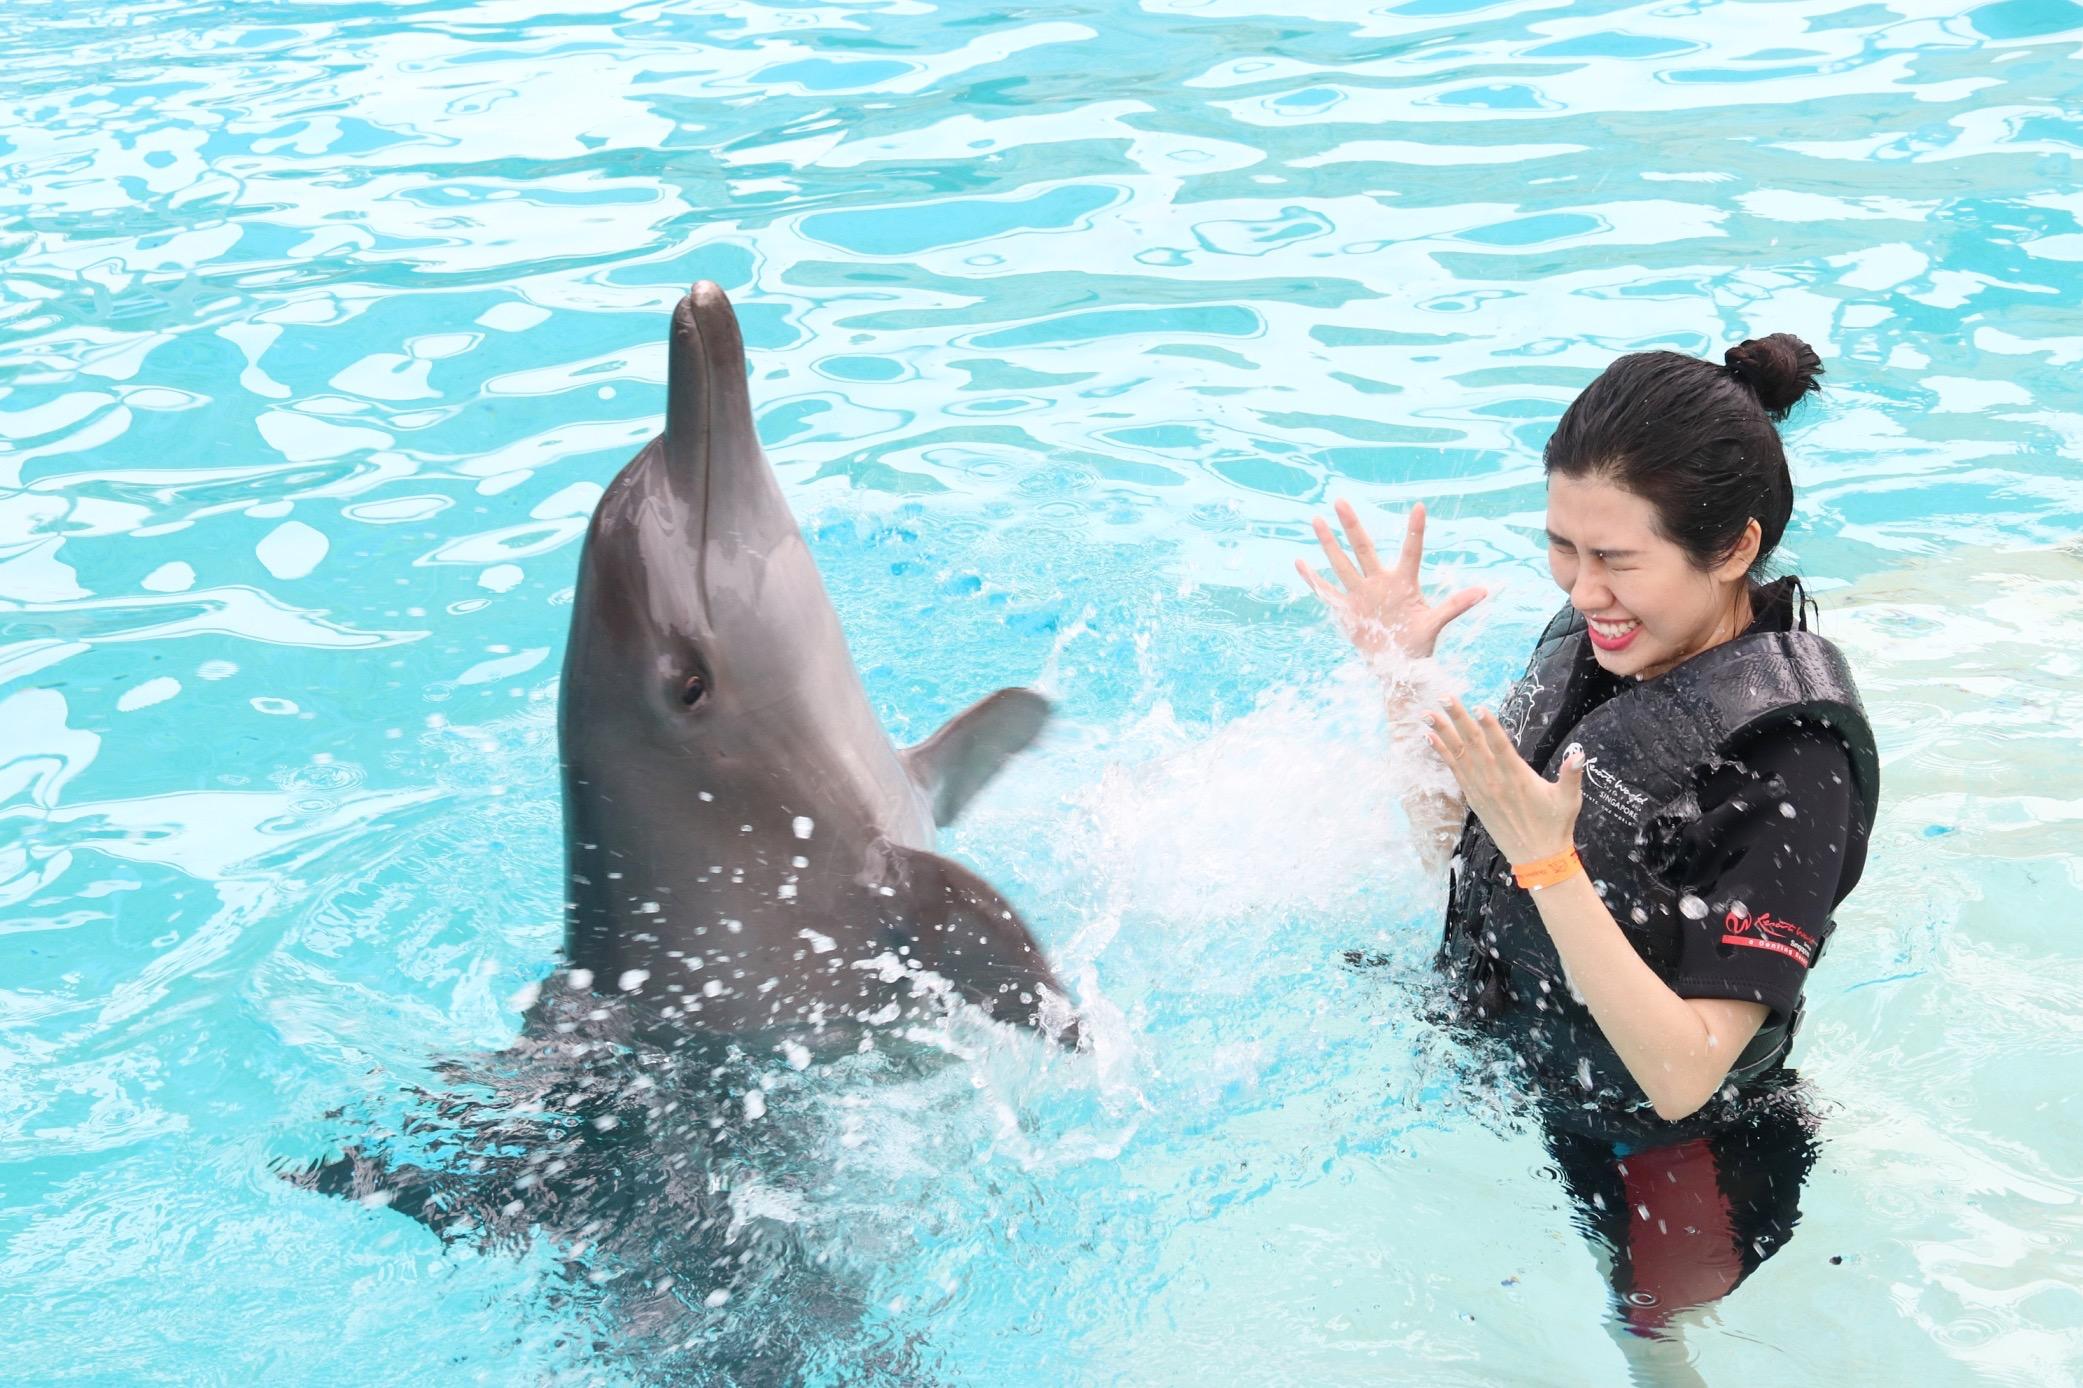 Hoa hậu Du lịch Emily Hồng Nhung đón sinh nhật đặc biệt cùng những chú cá heo tại Singapore - Ảnh 3.